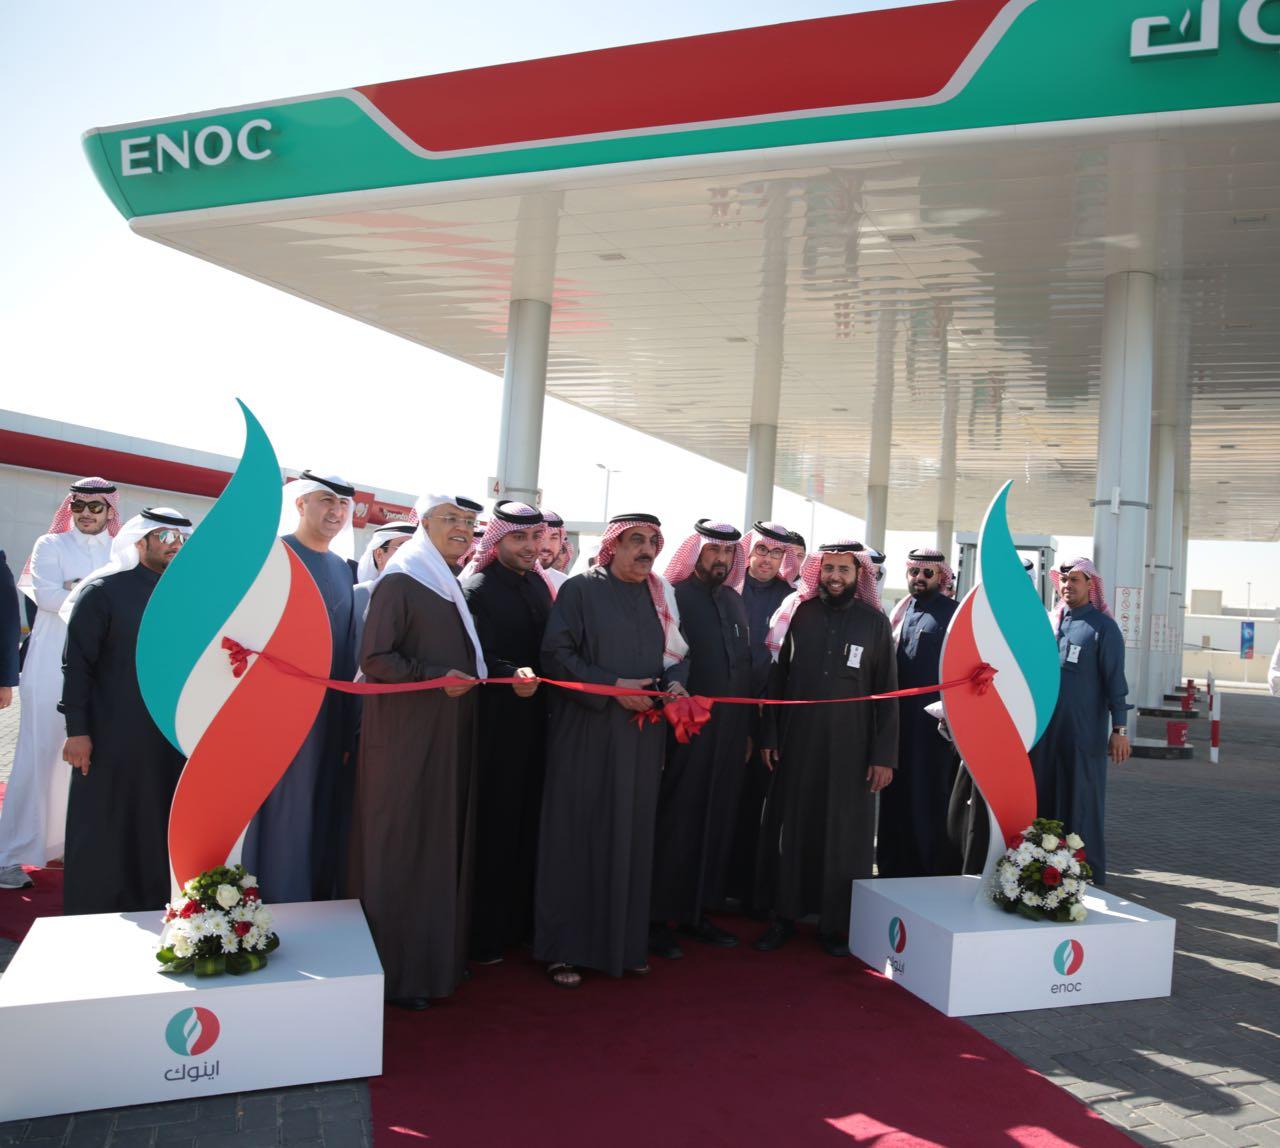 """مجموعة """"اينوك"""" تفتتح أكبر محطاتها في المملكة"""